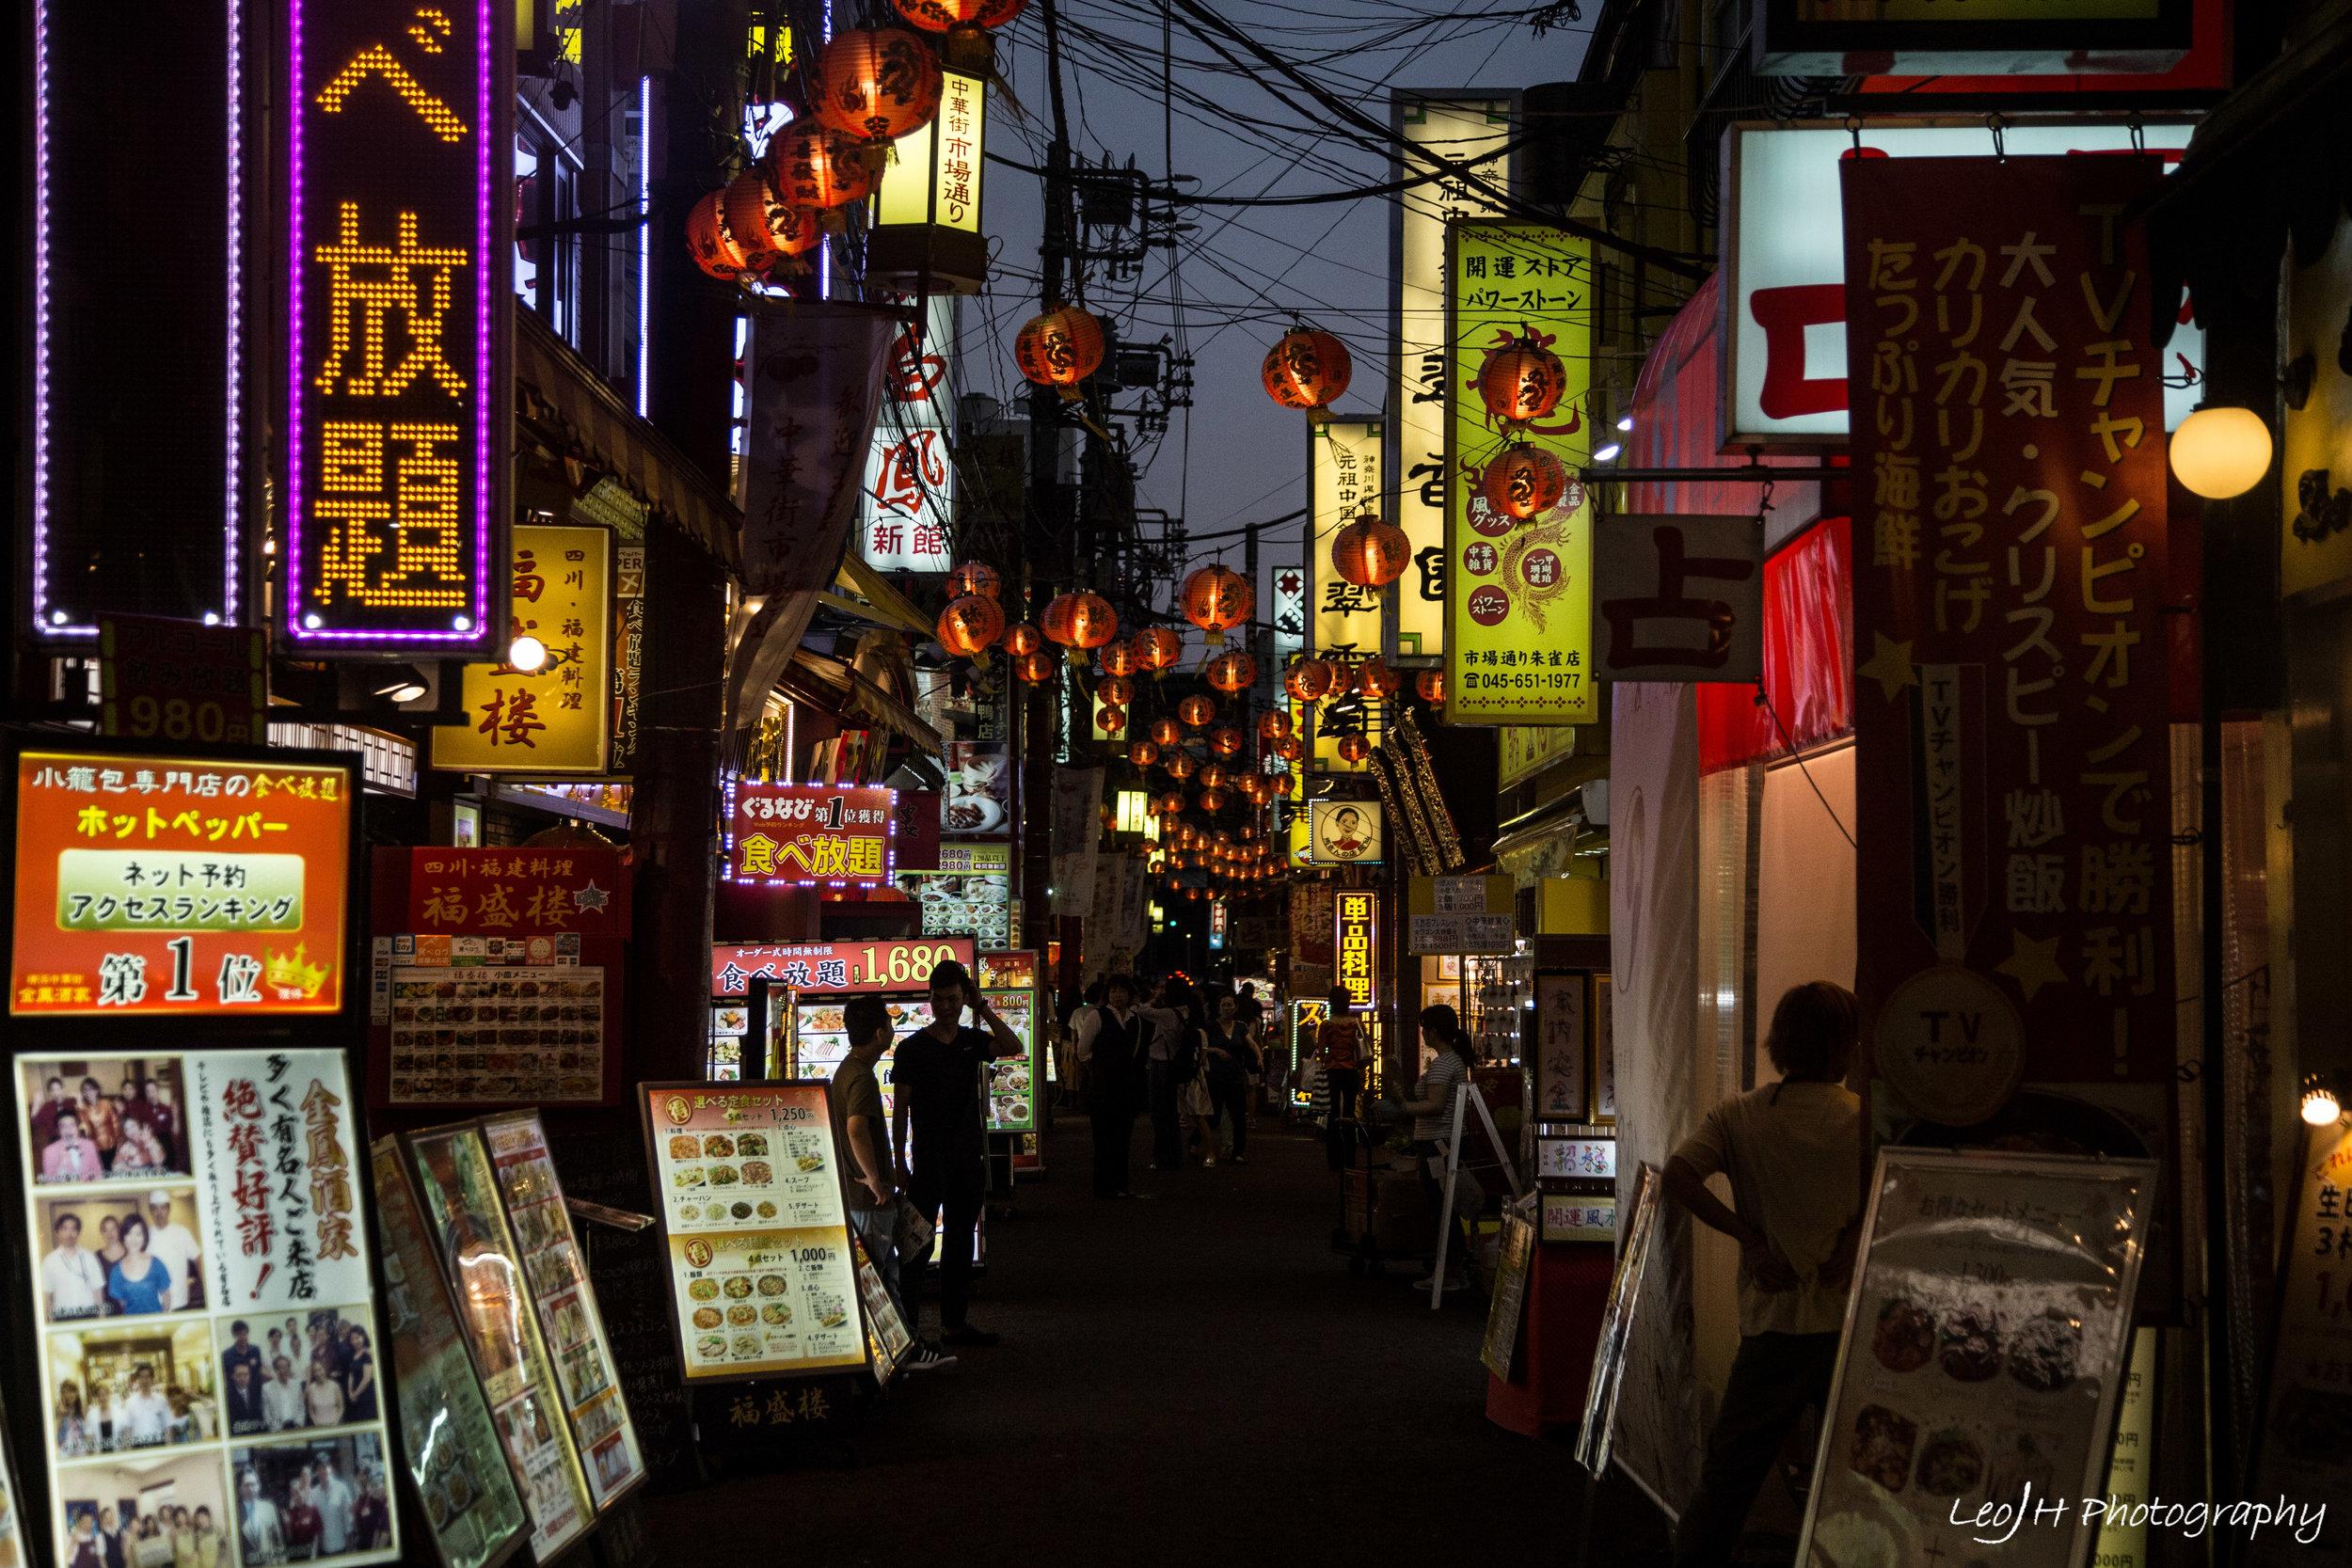 Streets of Yokohama Chinatown